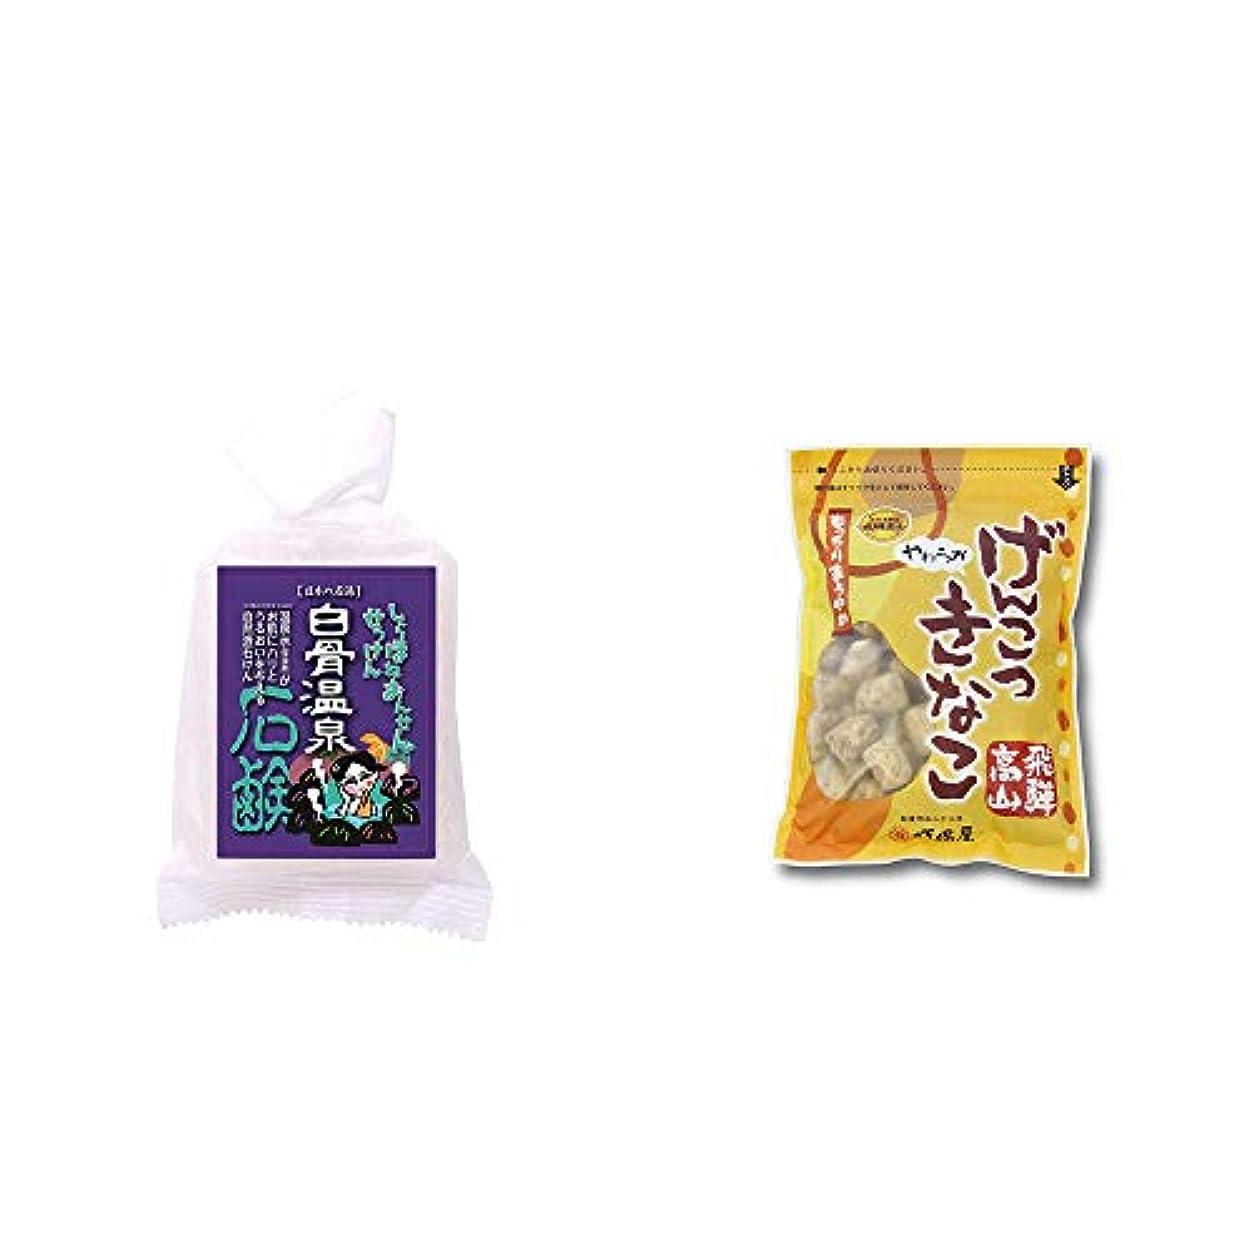 マキシムスタジオバルコニー[2点セット] 信州 白骨温泉石鹸(80g)?飛騨 打保屋 駄菓子 黒胡麻こくせん(130g)